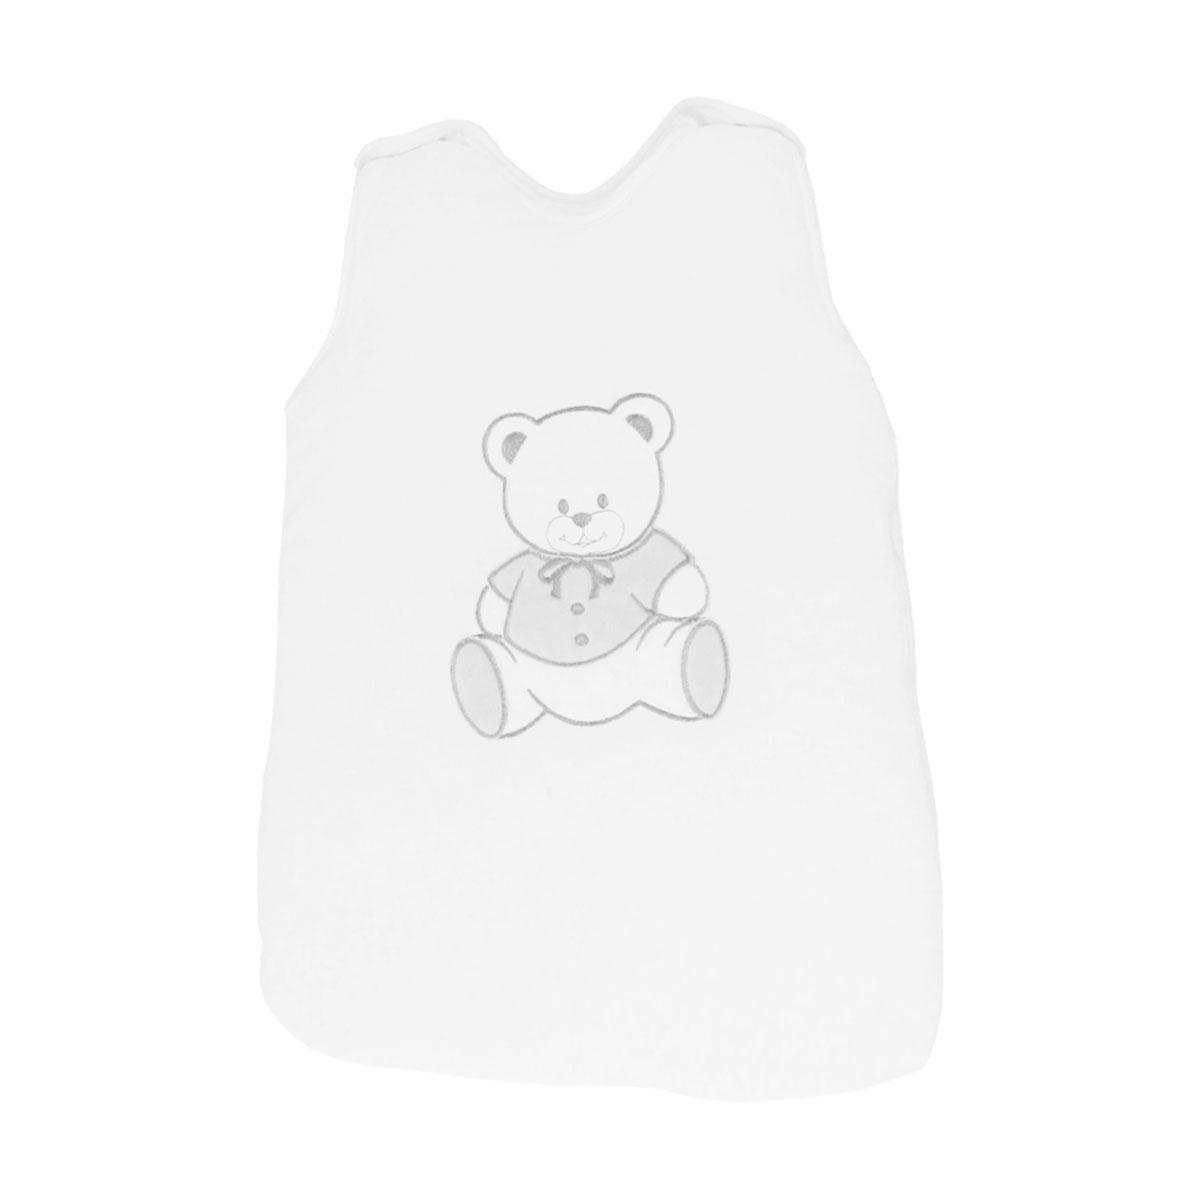 Gigoteuse pour bébé 0 à 6 Mois blanc et gris - Motif Nounours